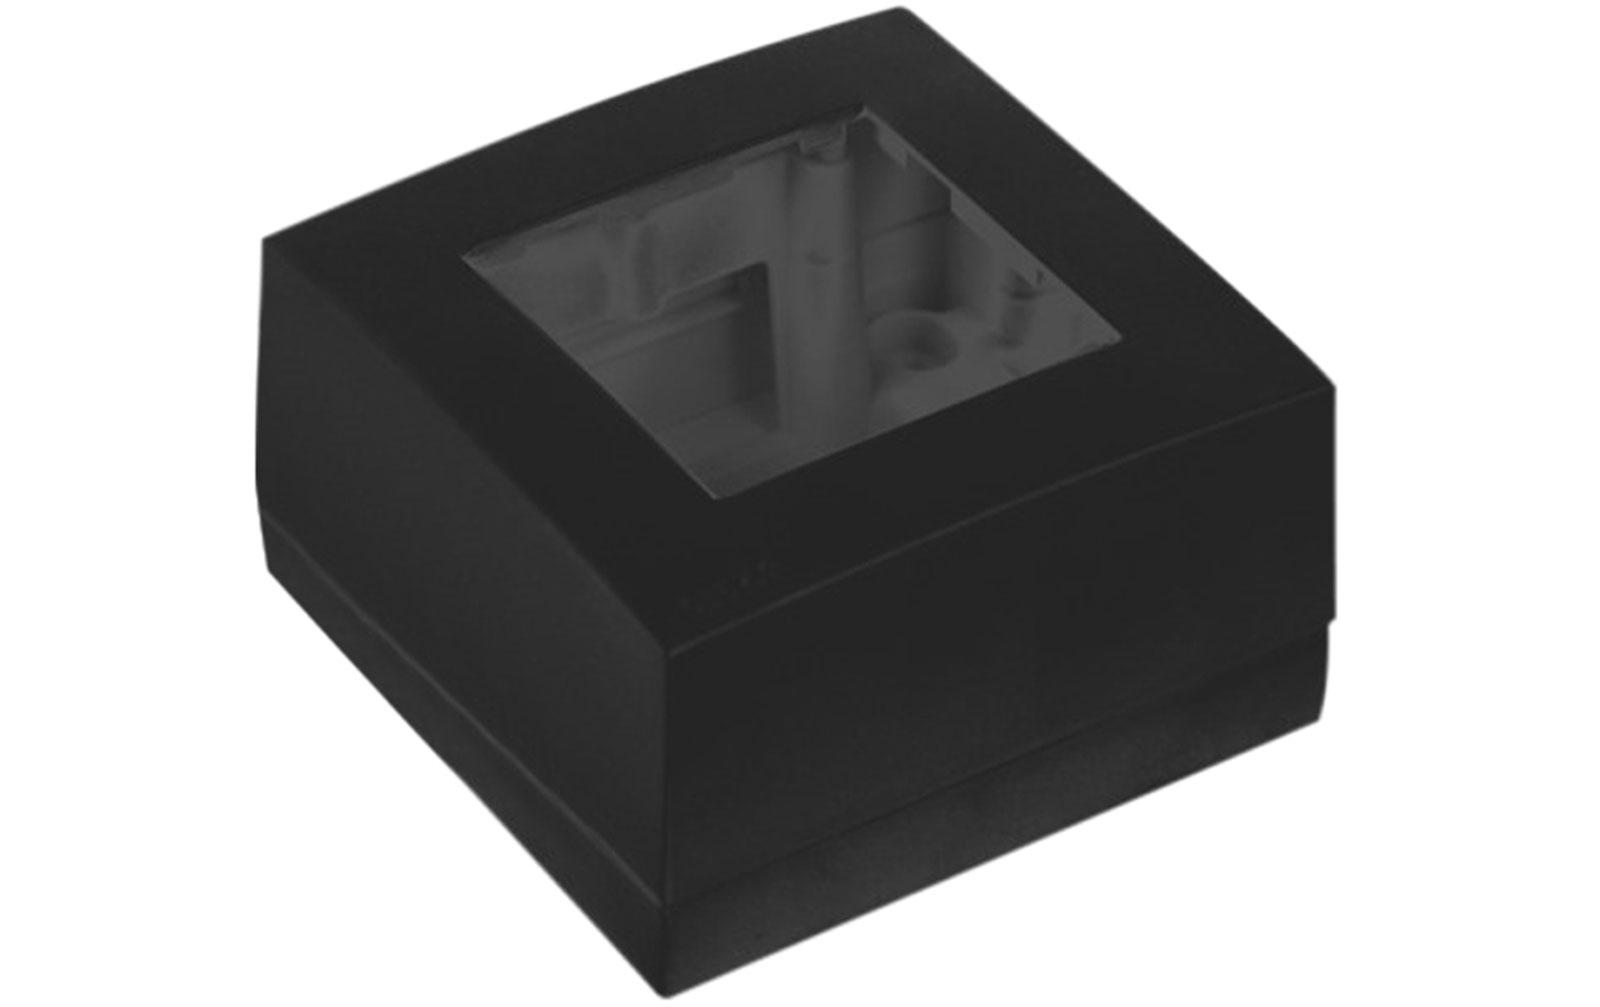 audac-wb-45-sb-wandeinbaukasten-aus-kunststoff-einzeln-45-x-45-mm-schwarz